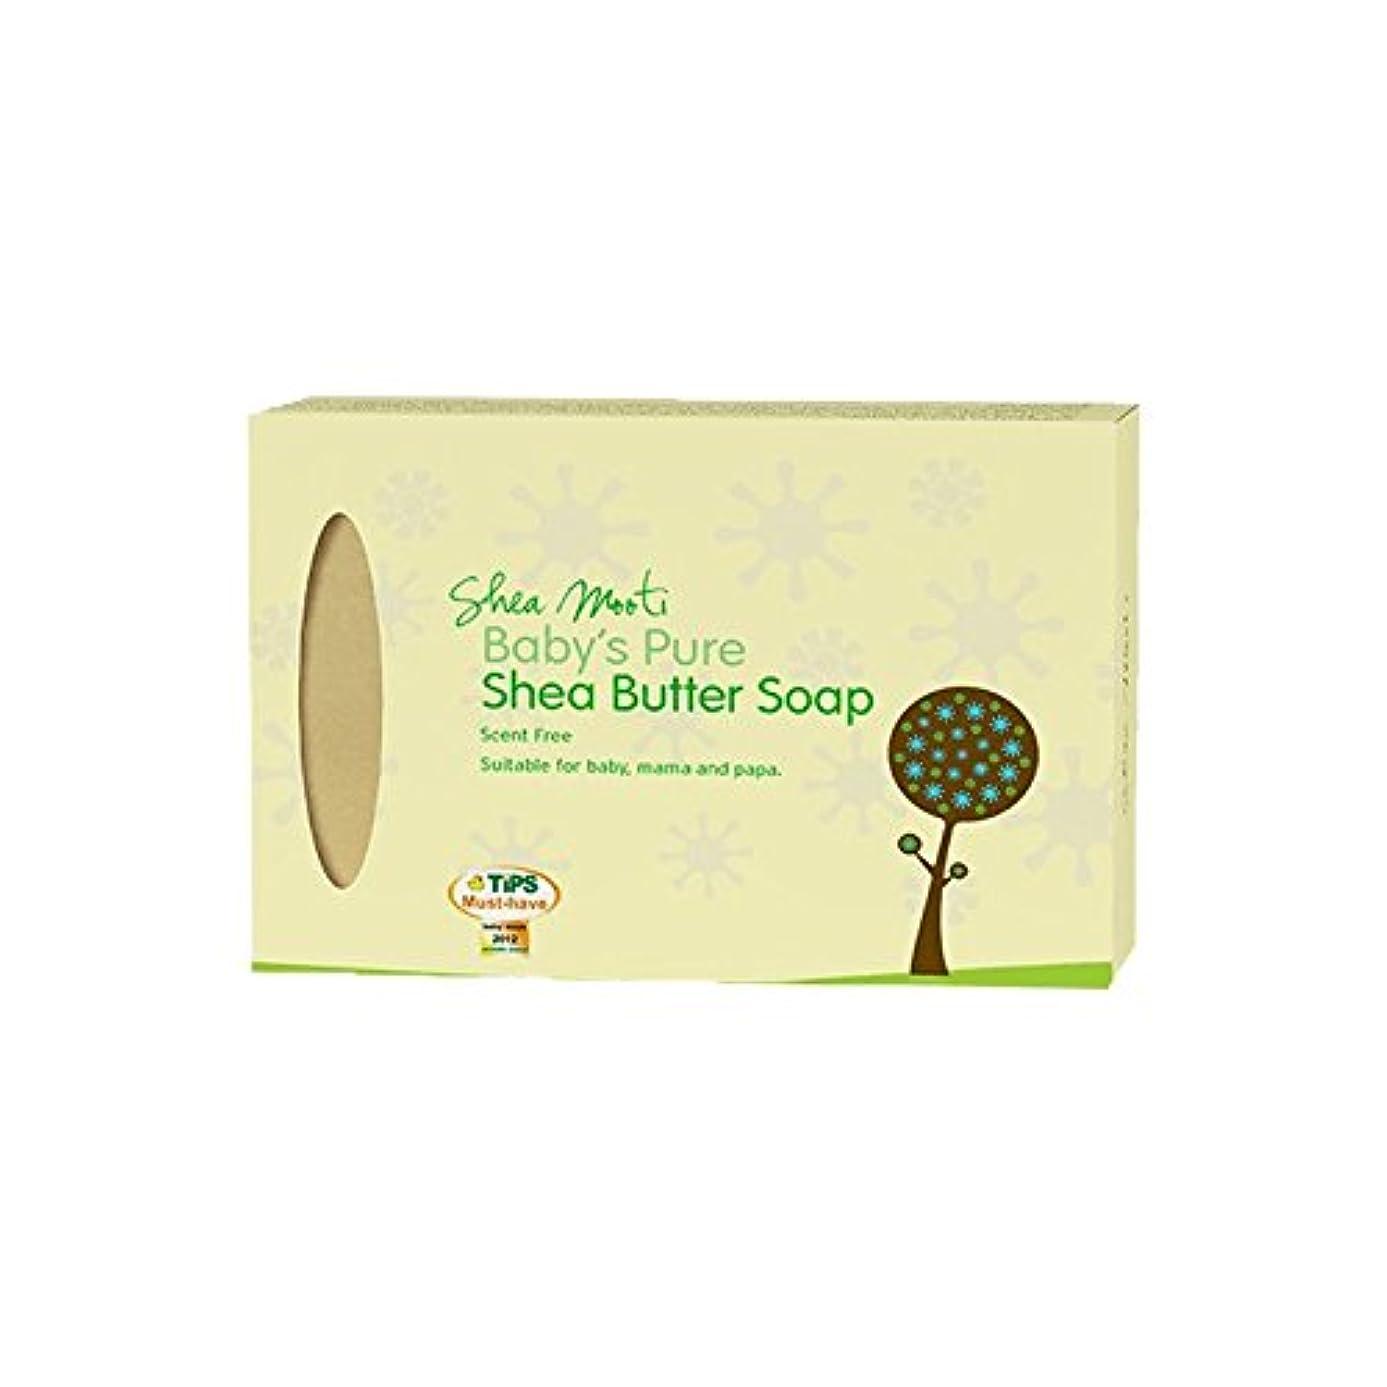 どこ闇アトミックShea Mooti Baby's Pure Shea Butter Soap Unscented 250ml (Pack of 6) - シアバターMooti赤ちゃんの純粋なシアバターソープ無香250ミリリットル (x6...